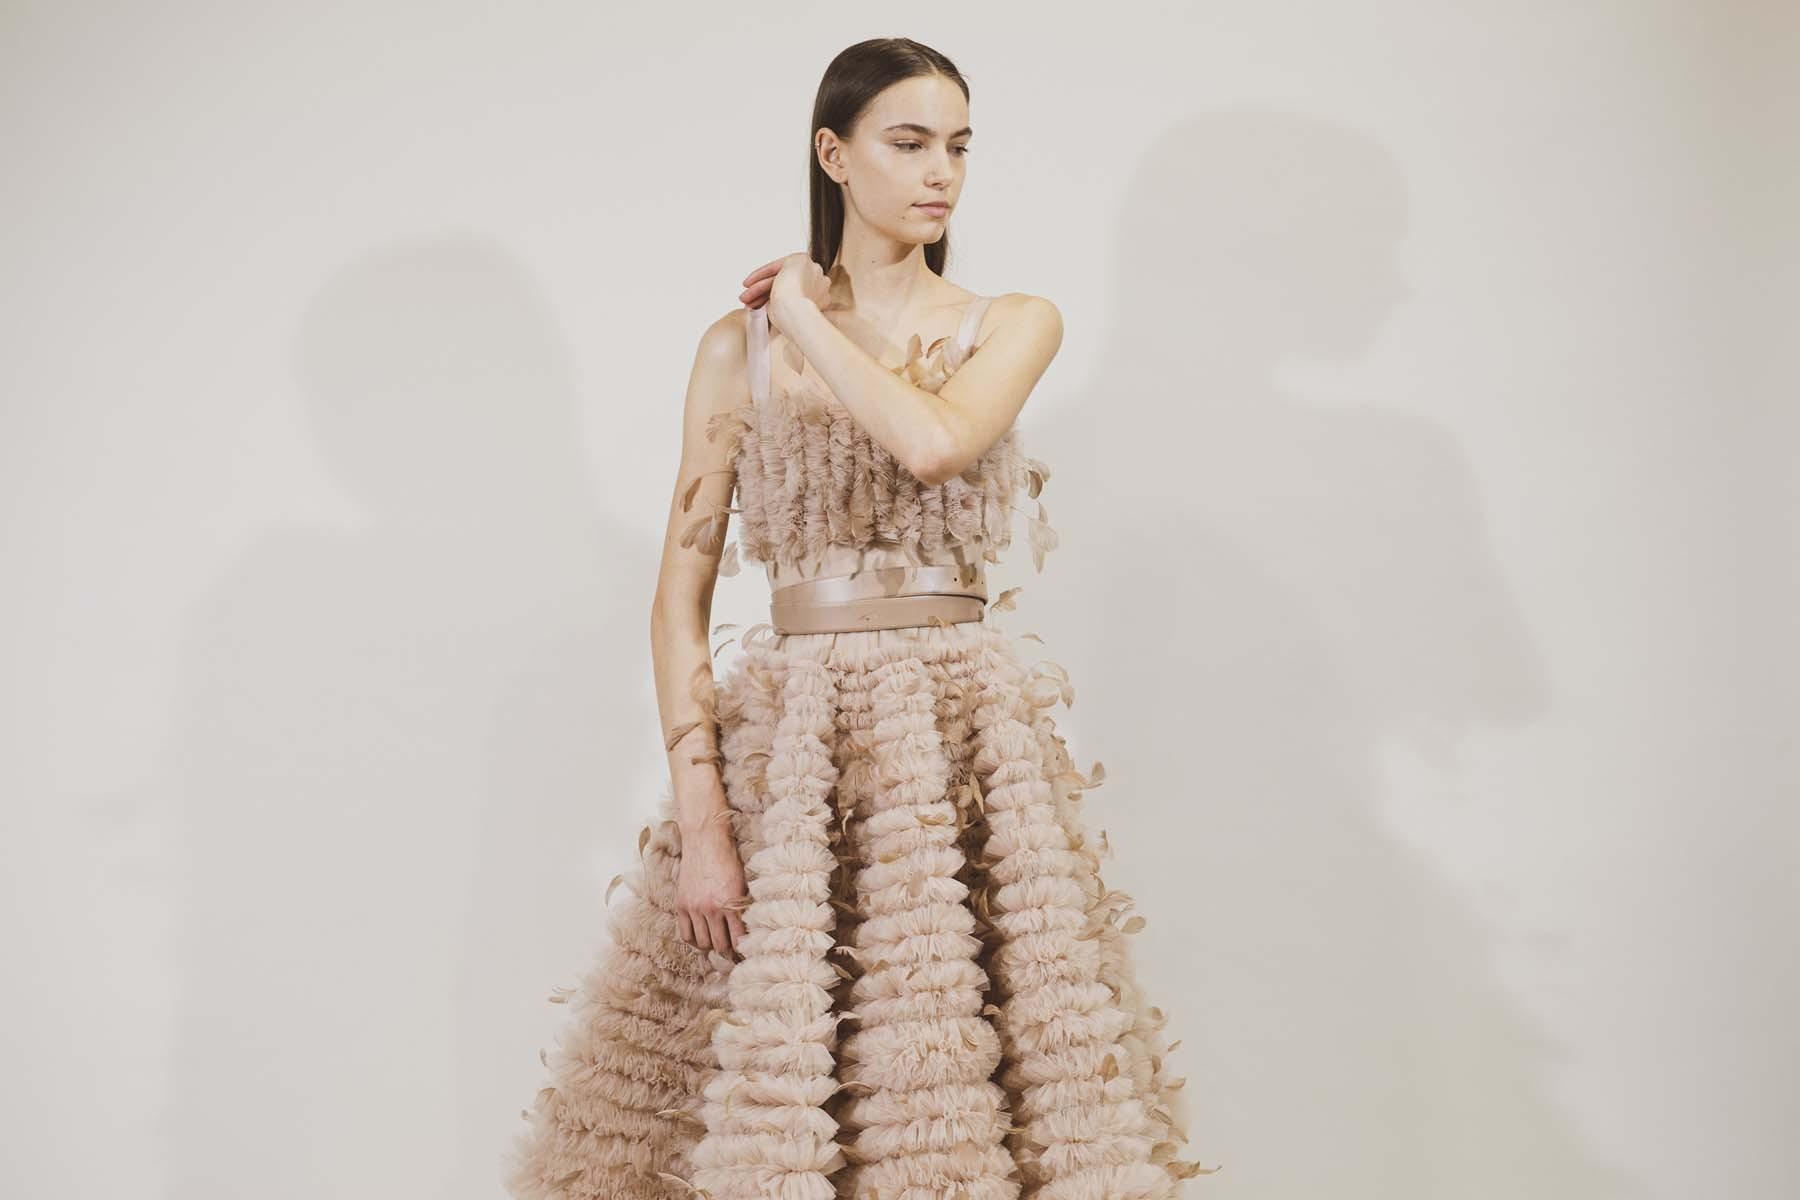 Kristina-Fidelskaya-Hiver-2020-21-11